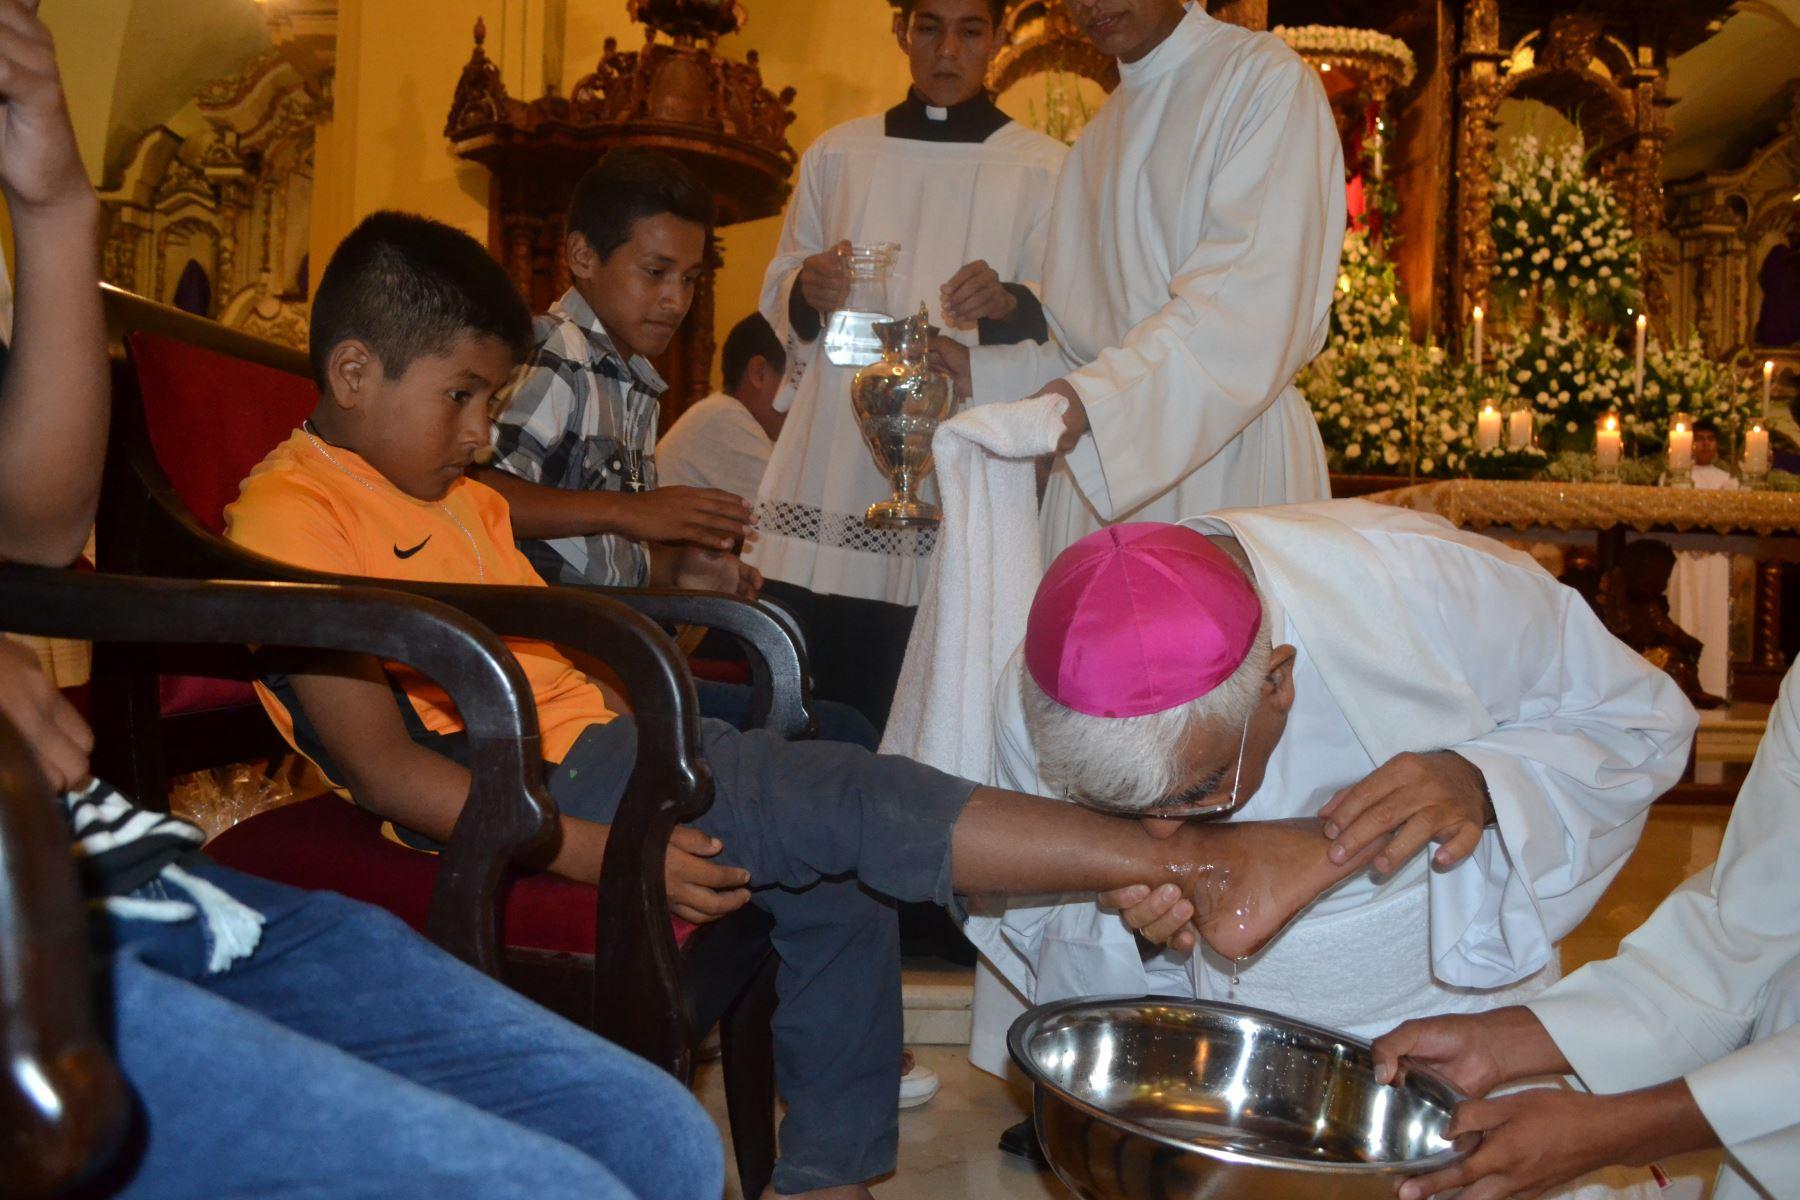 En esta oportunidad, el arzobispo de Trujillo y presidente de la Conferencia Episcopal Peruana, monseñor Miguel Cabrejos, lavará los pies a 12 niños venezolanos.